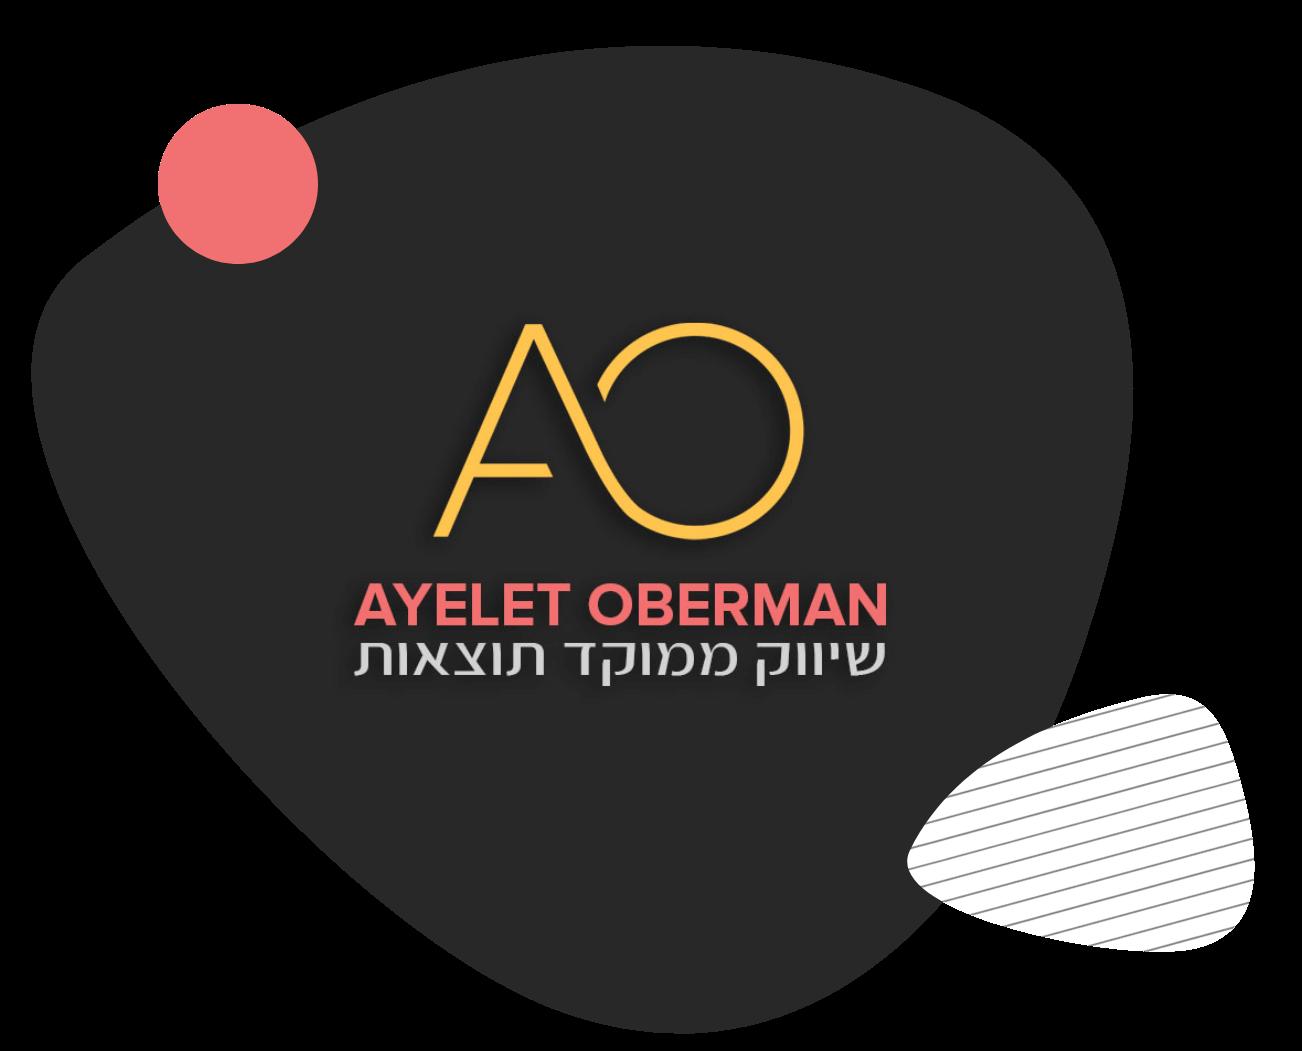 איילת אוברמן - שיווק ממוקד תוצאות